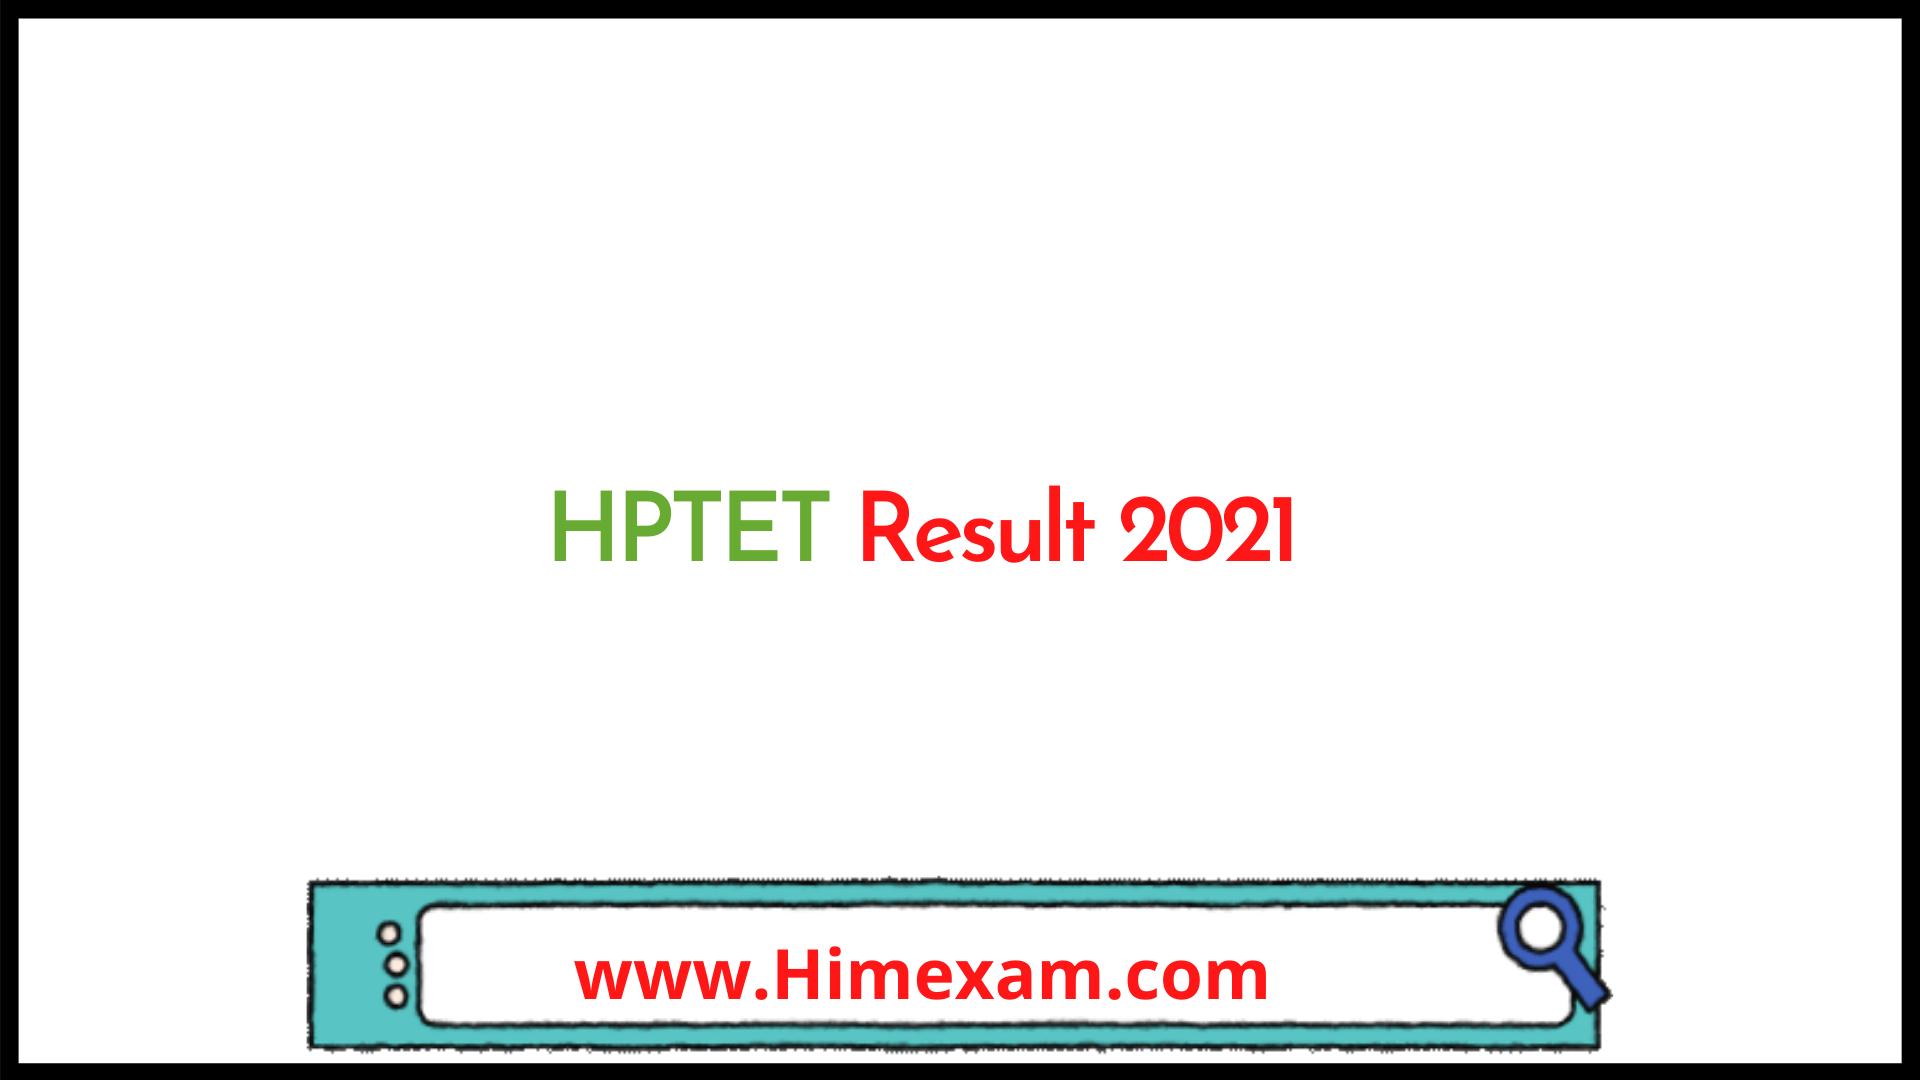 HPTET Result 2021